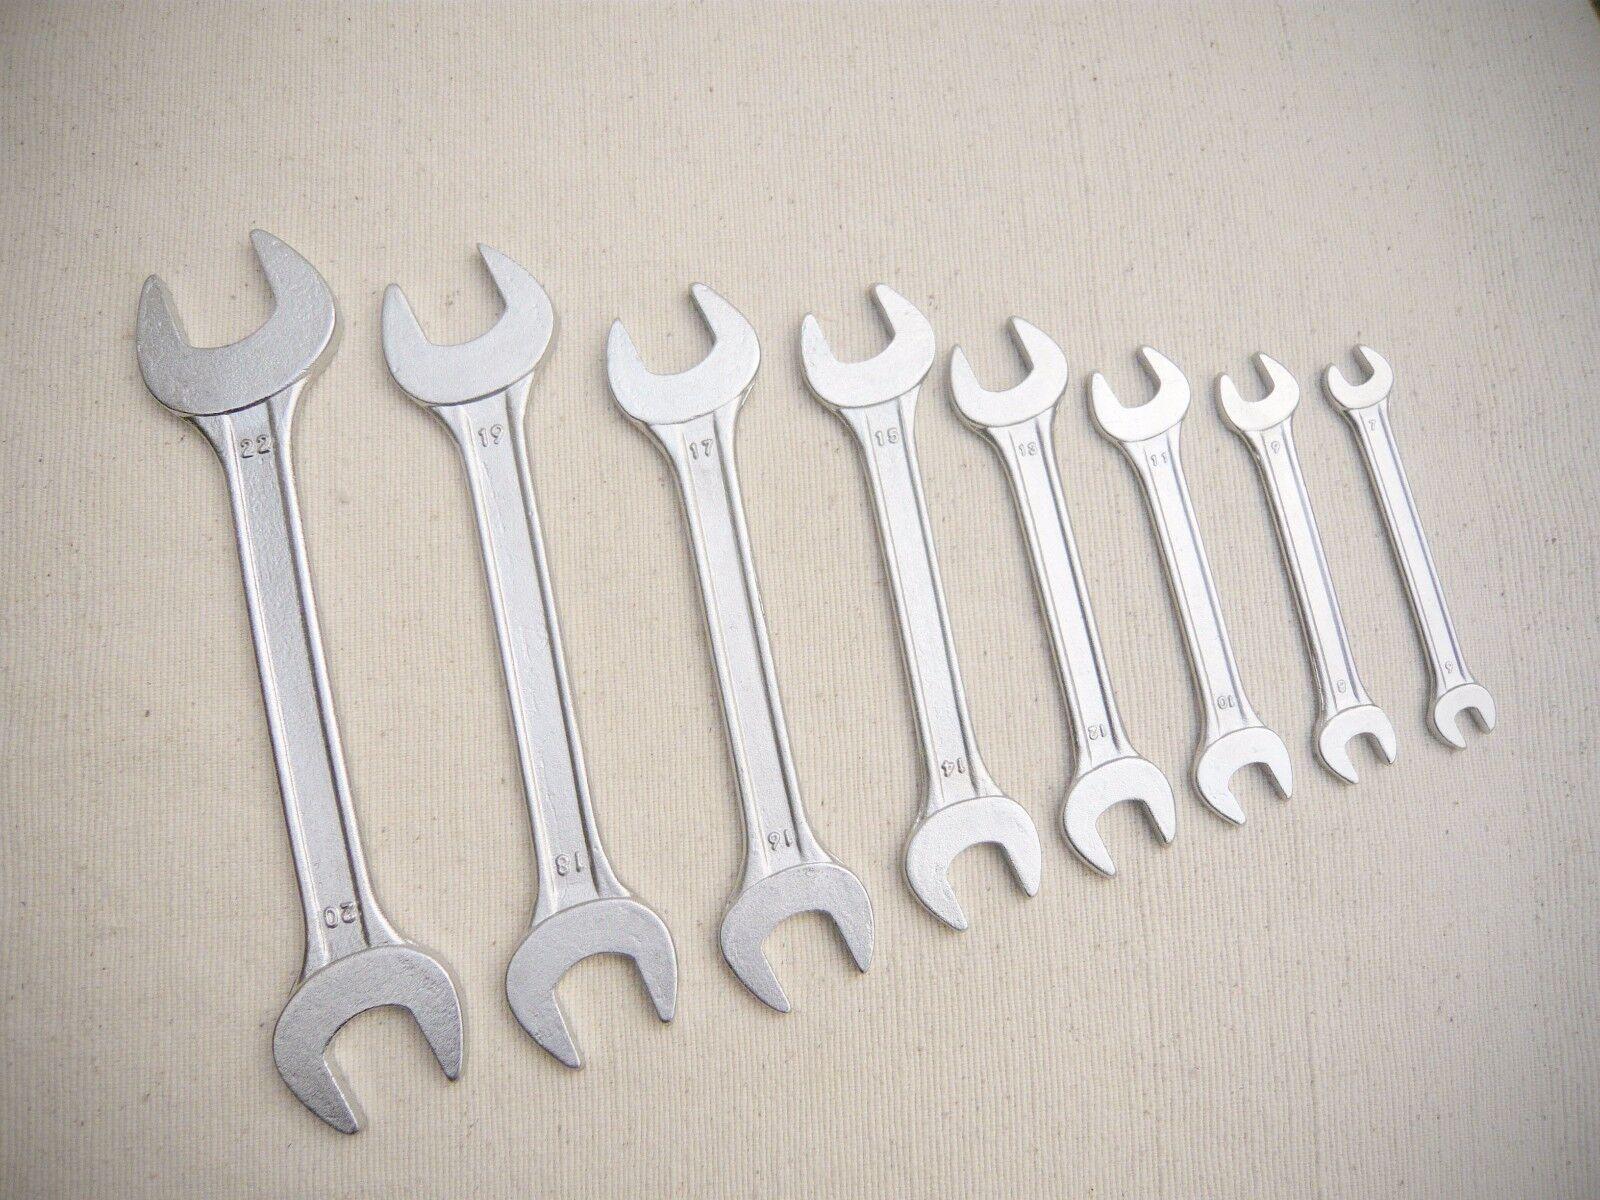 Maulschlüssel Satz 8-tlg 6 - 22mm Maulschlüssel  Schraubschlüssel Werkzeugstahl